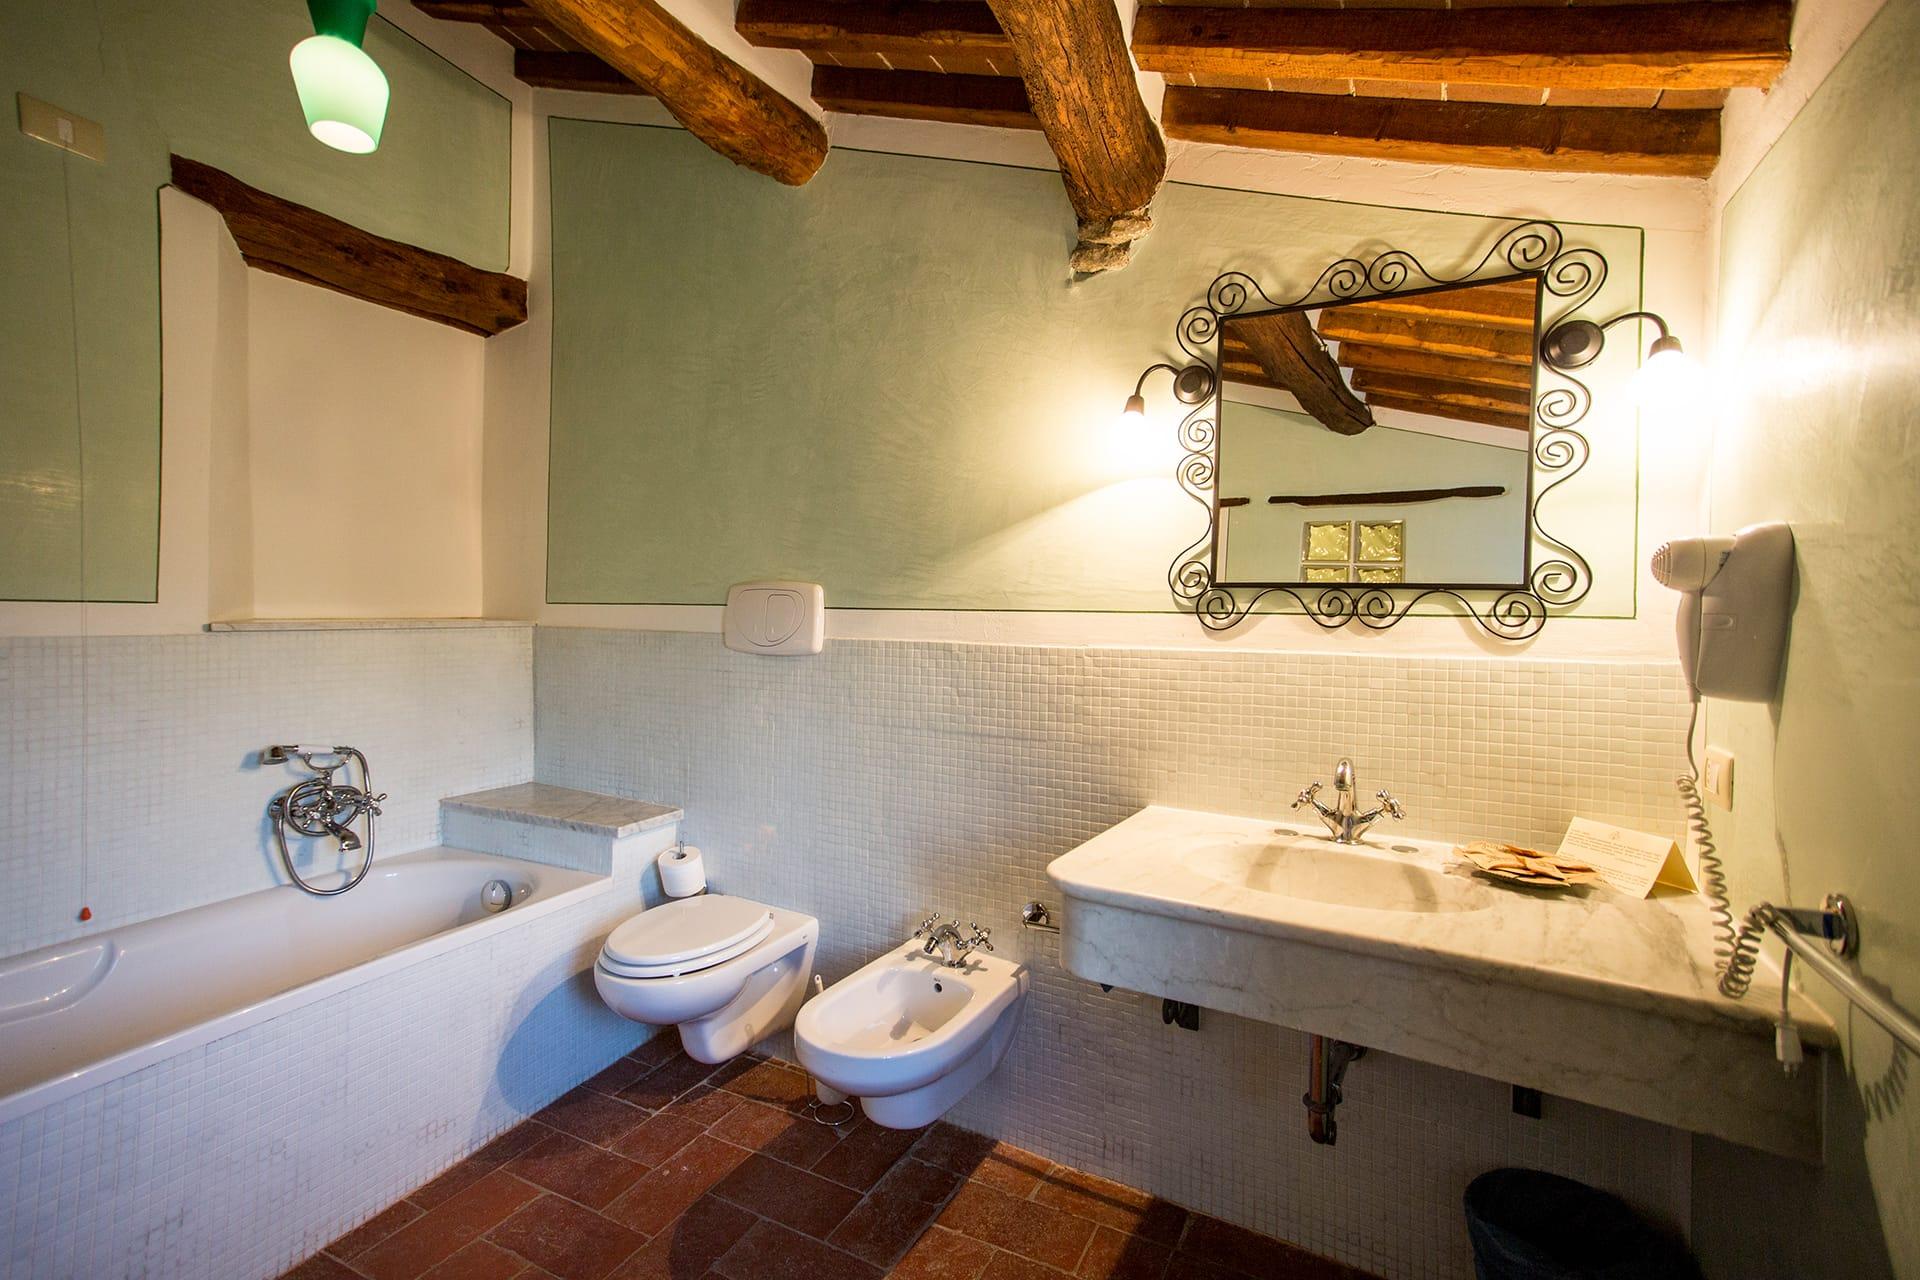 La Palazzina 2 badkamer